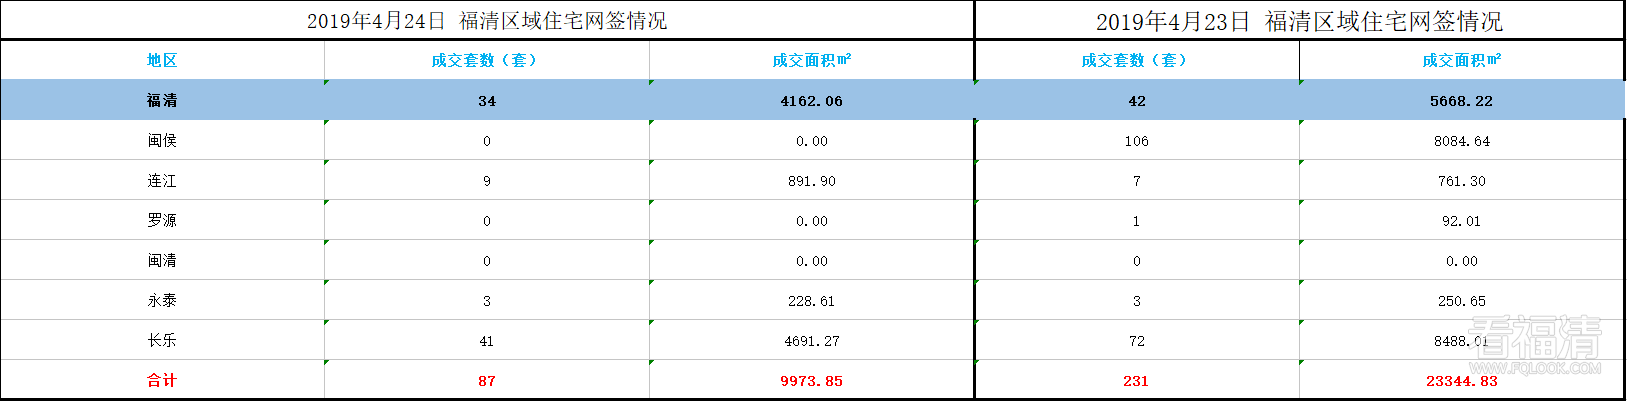 2019年4月24日 福清区域住宅网签情况